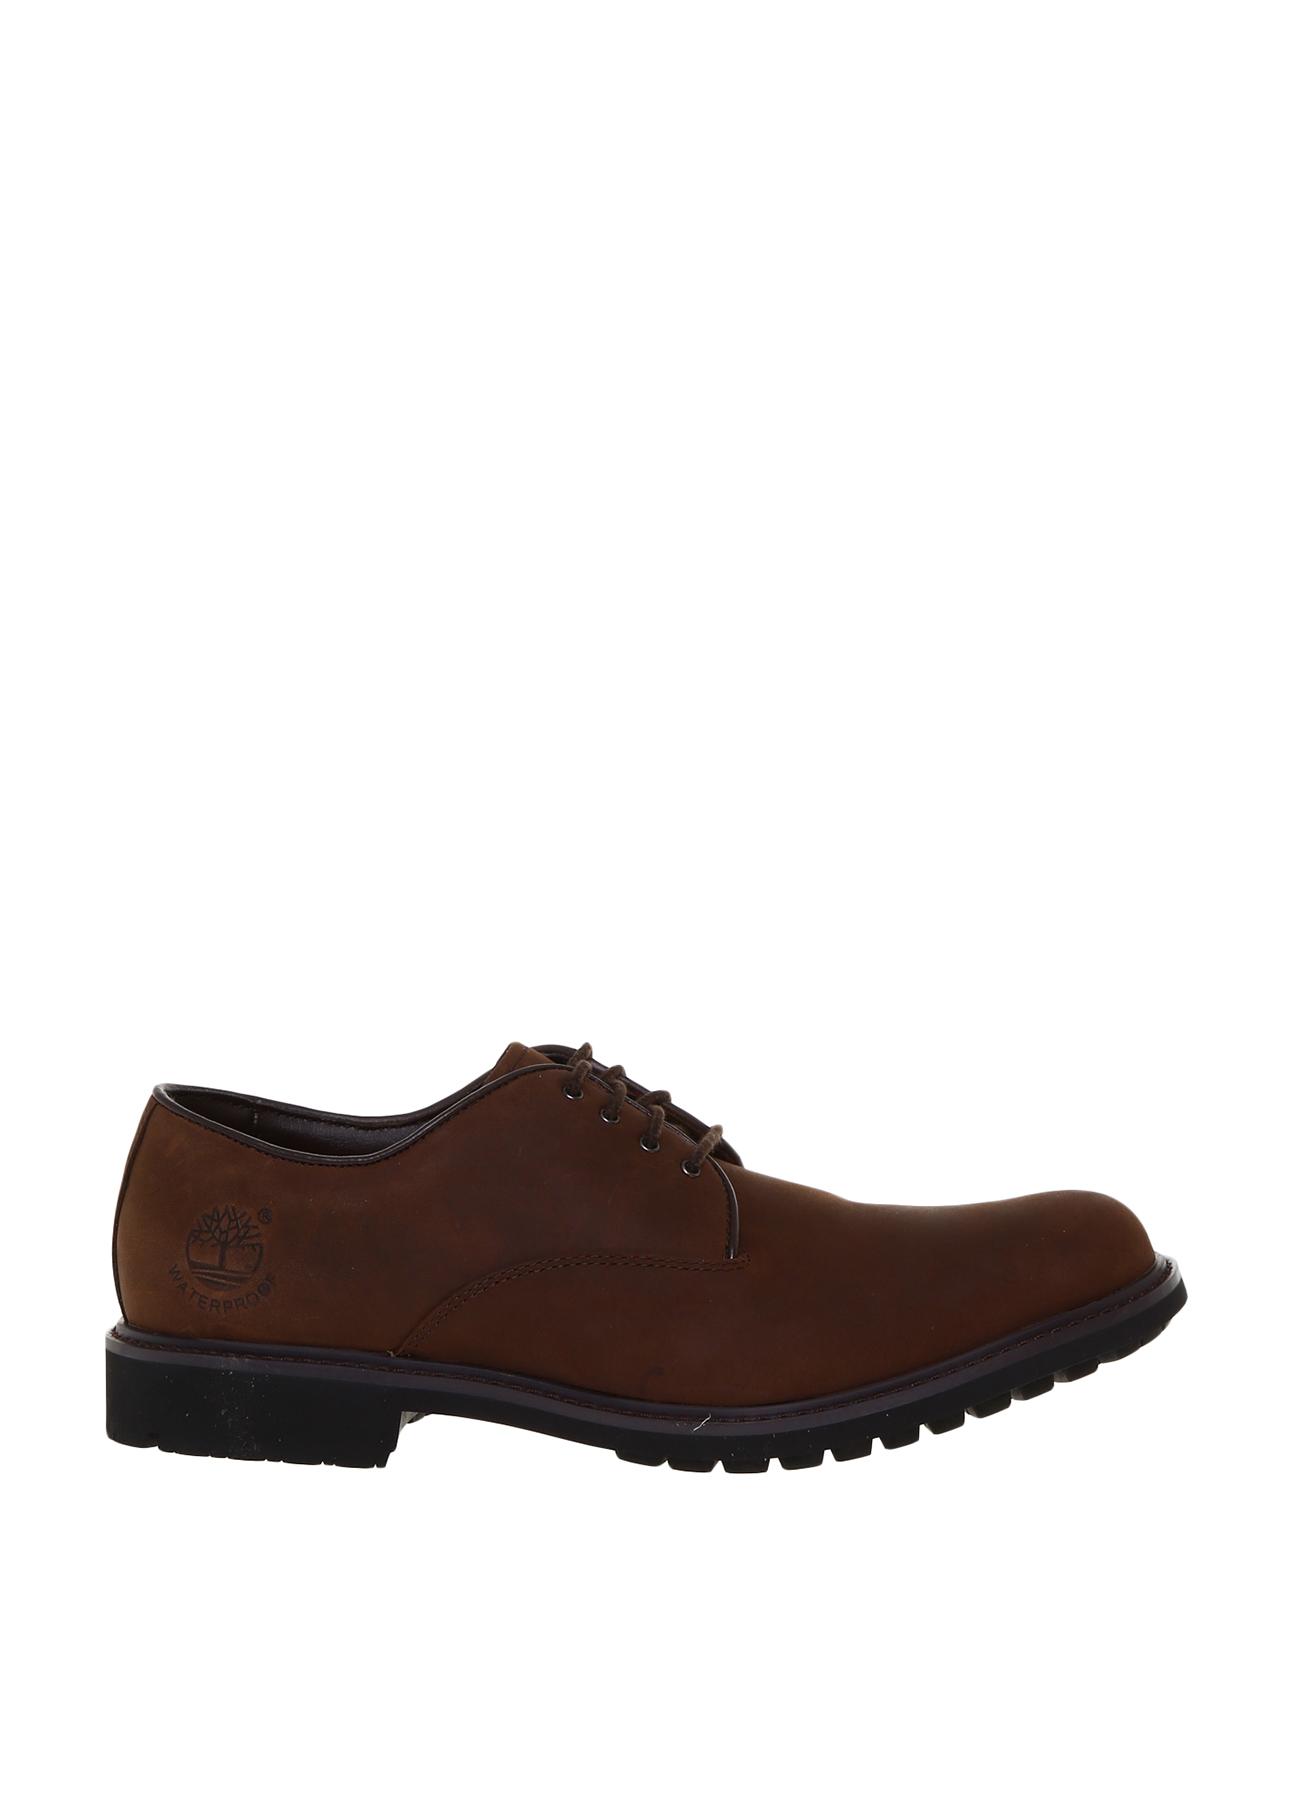 Timberland Tb05550R2421 Stormbucks Pt Oxford Günlük Ayakkabı 40 5002340838001 Ürün Resmi